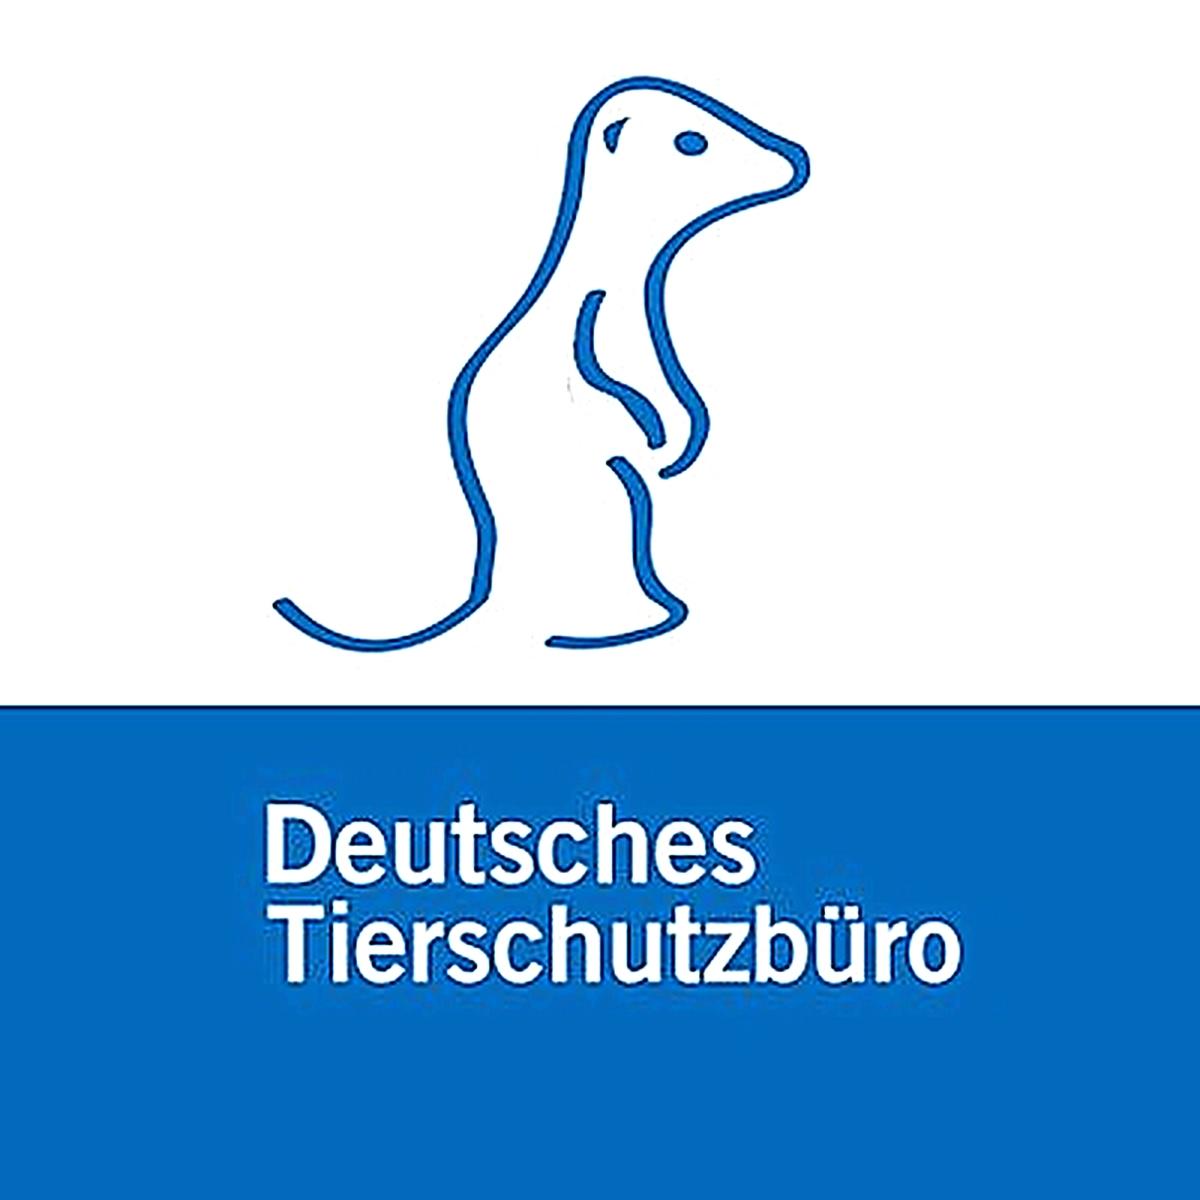 Deutsches-Tierschutzrechtsbüro